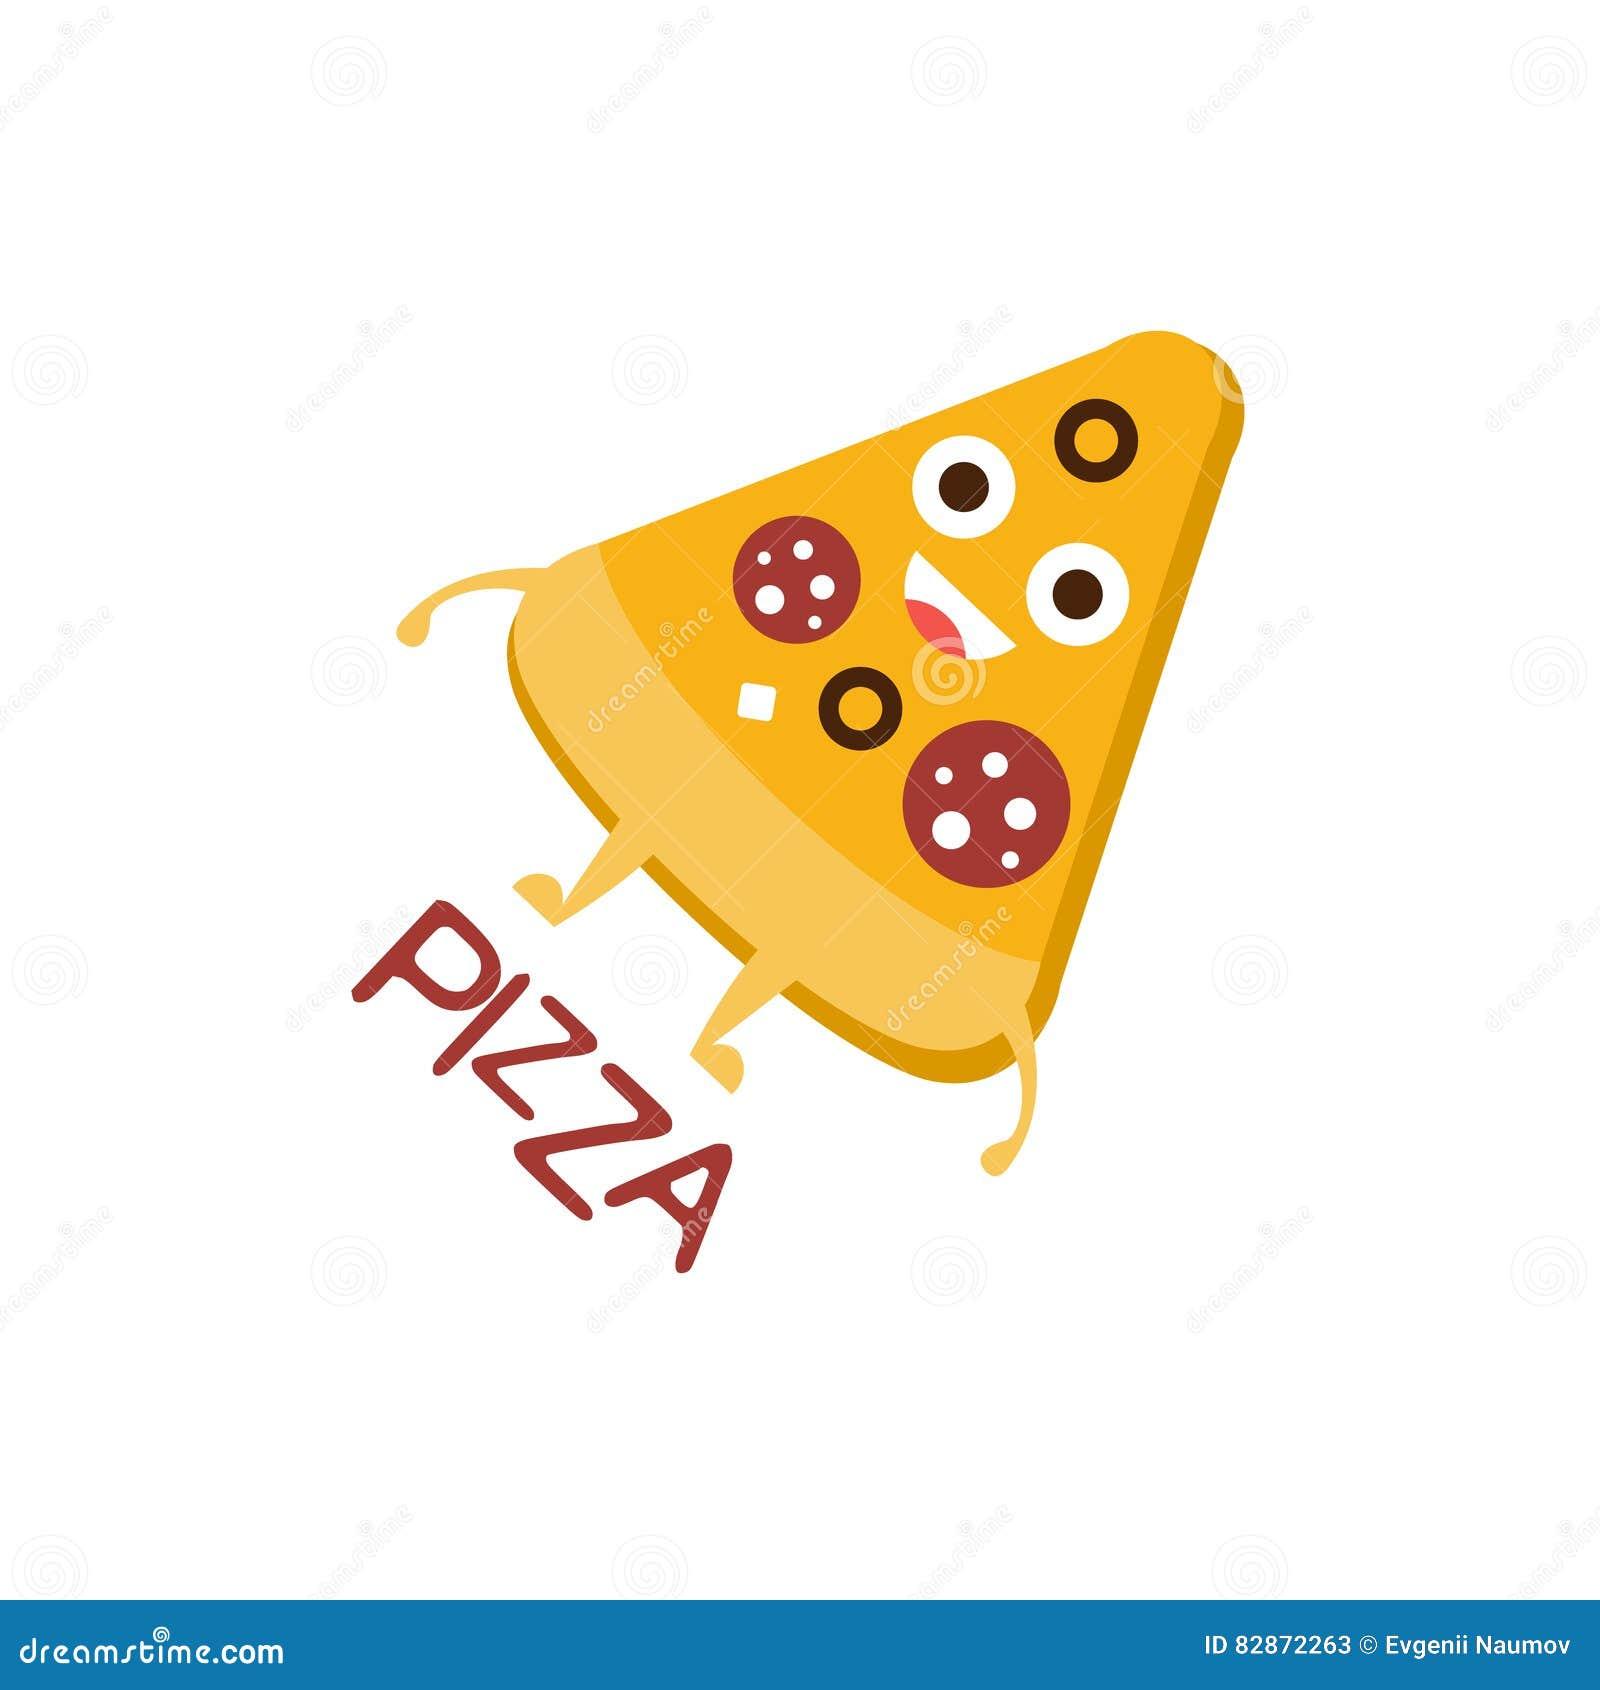 tranche word de pizza et illustration correspondante personnage de dessin anim emoji avec des yeux